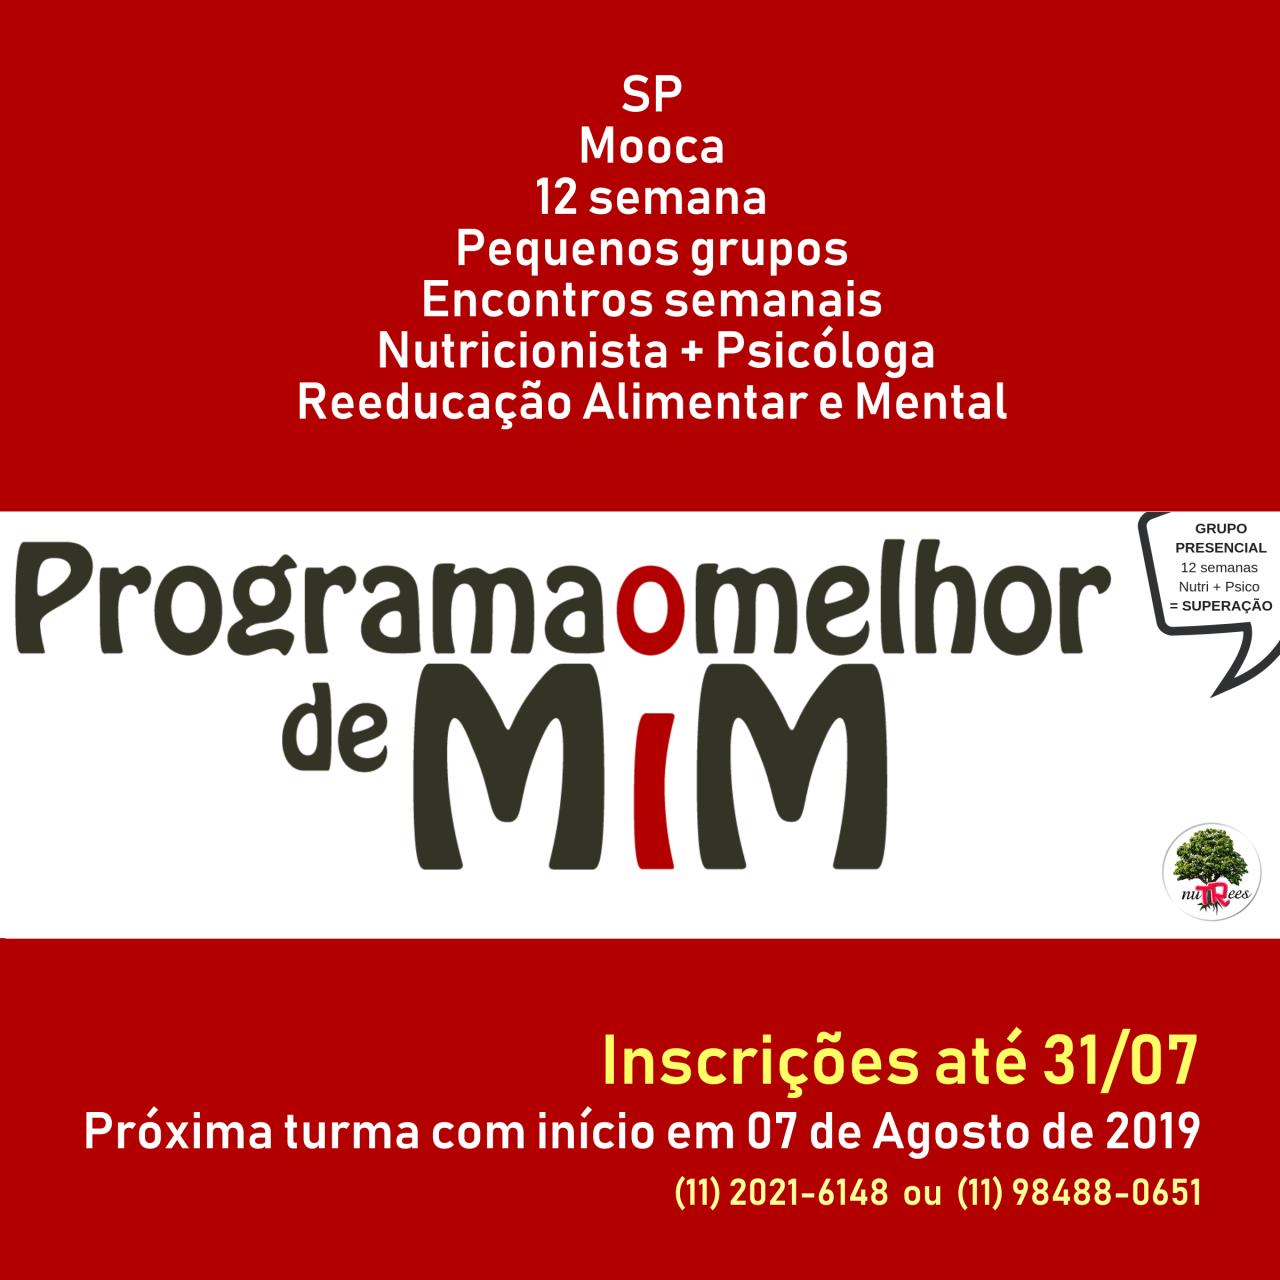 PGM-O-MELHOR-DE-MIM-blog-1-1280x1280.png